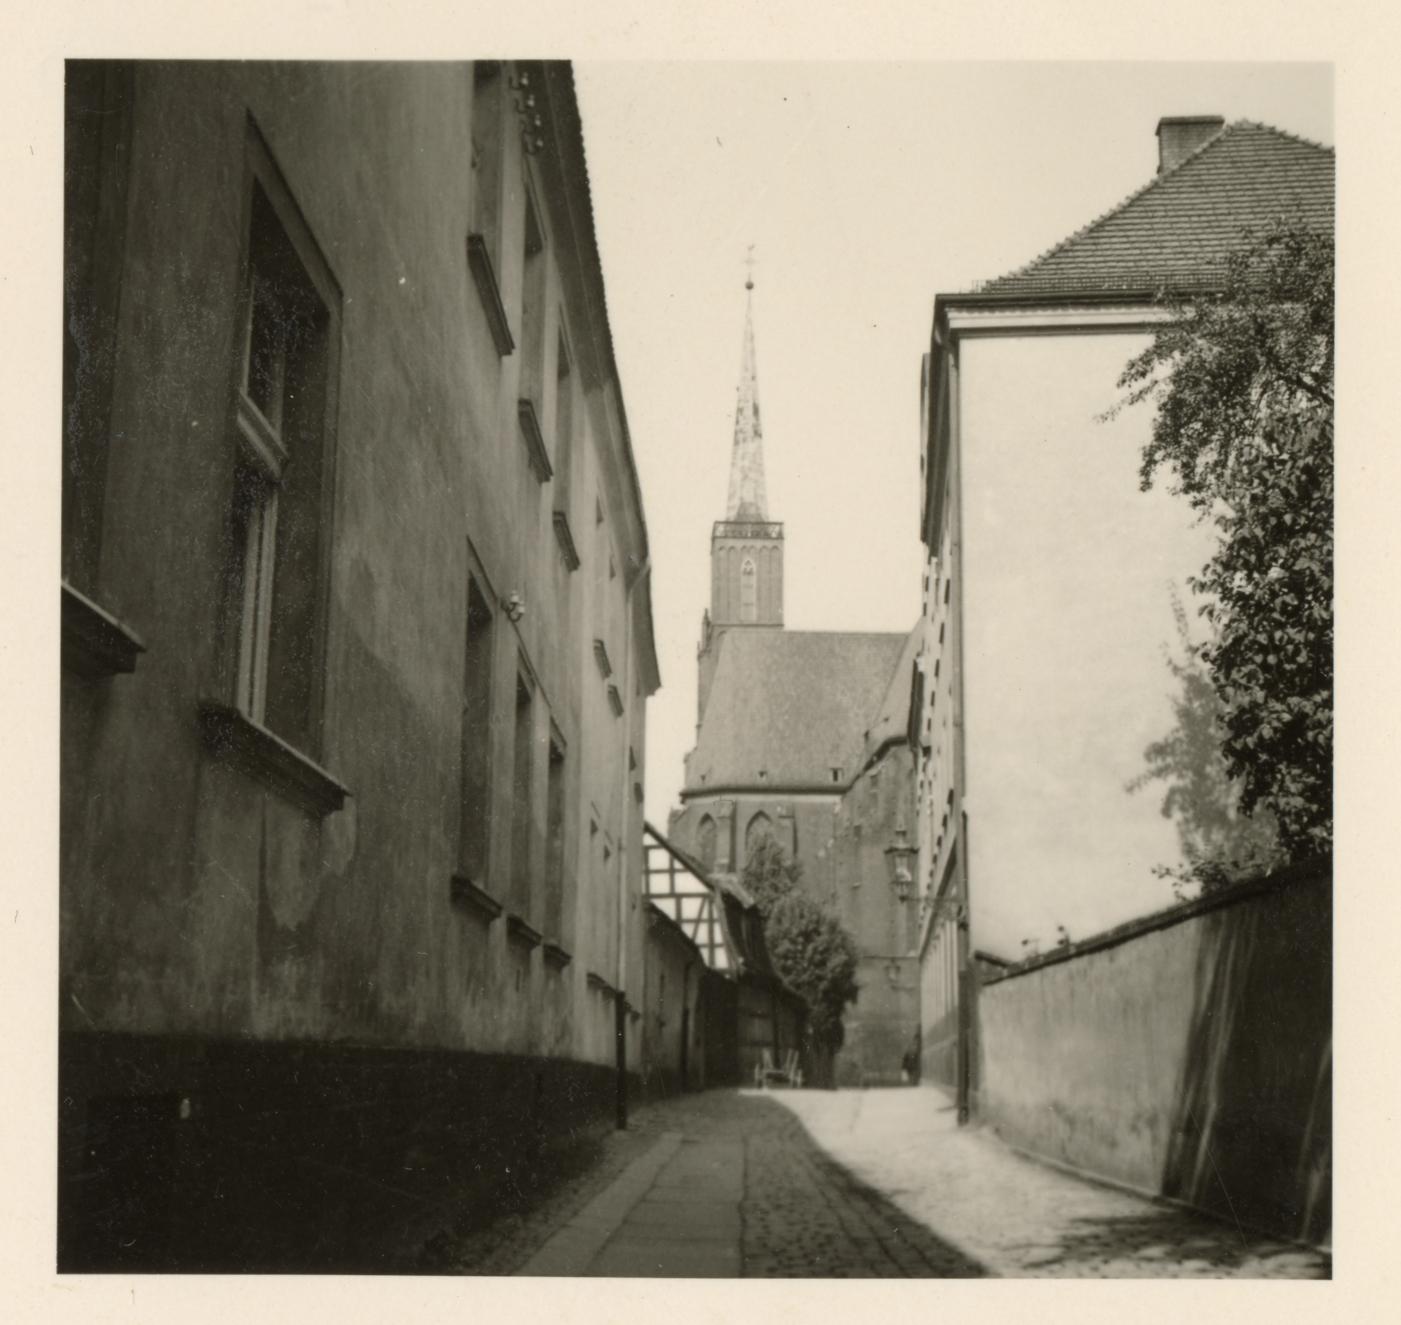 Okładka folderu Archiwum Państwowe we Wrocławiu